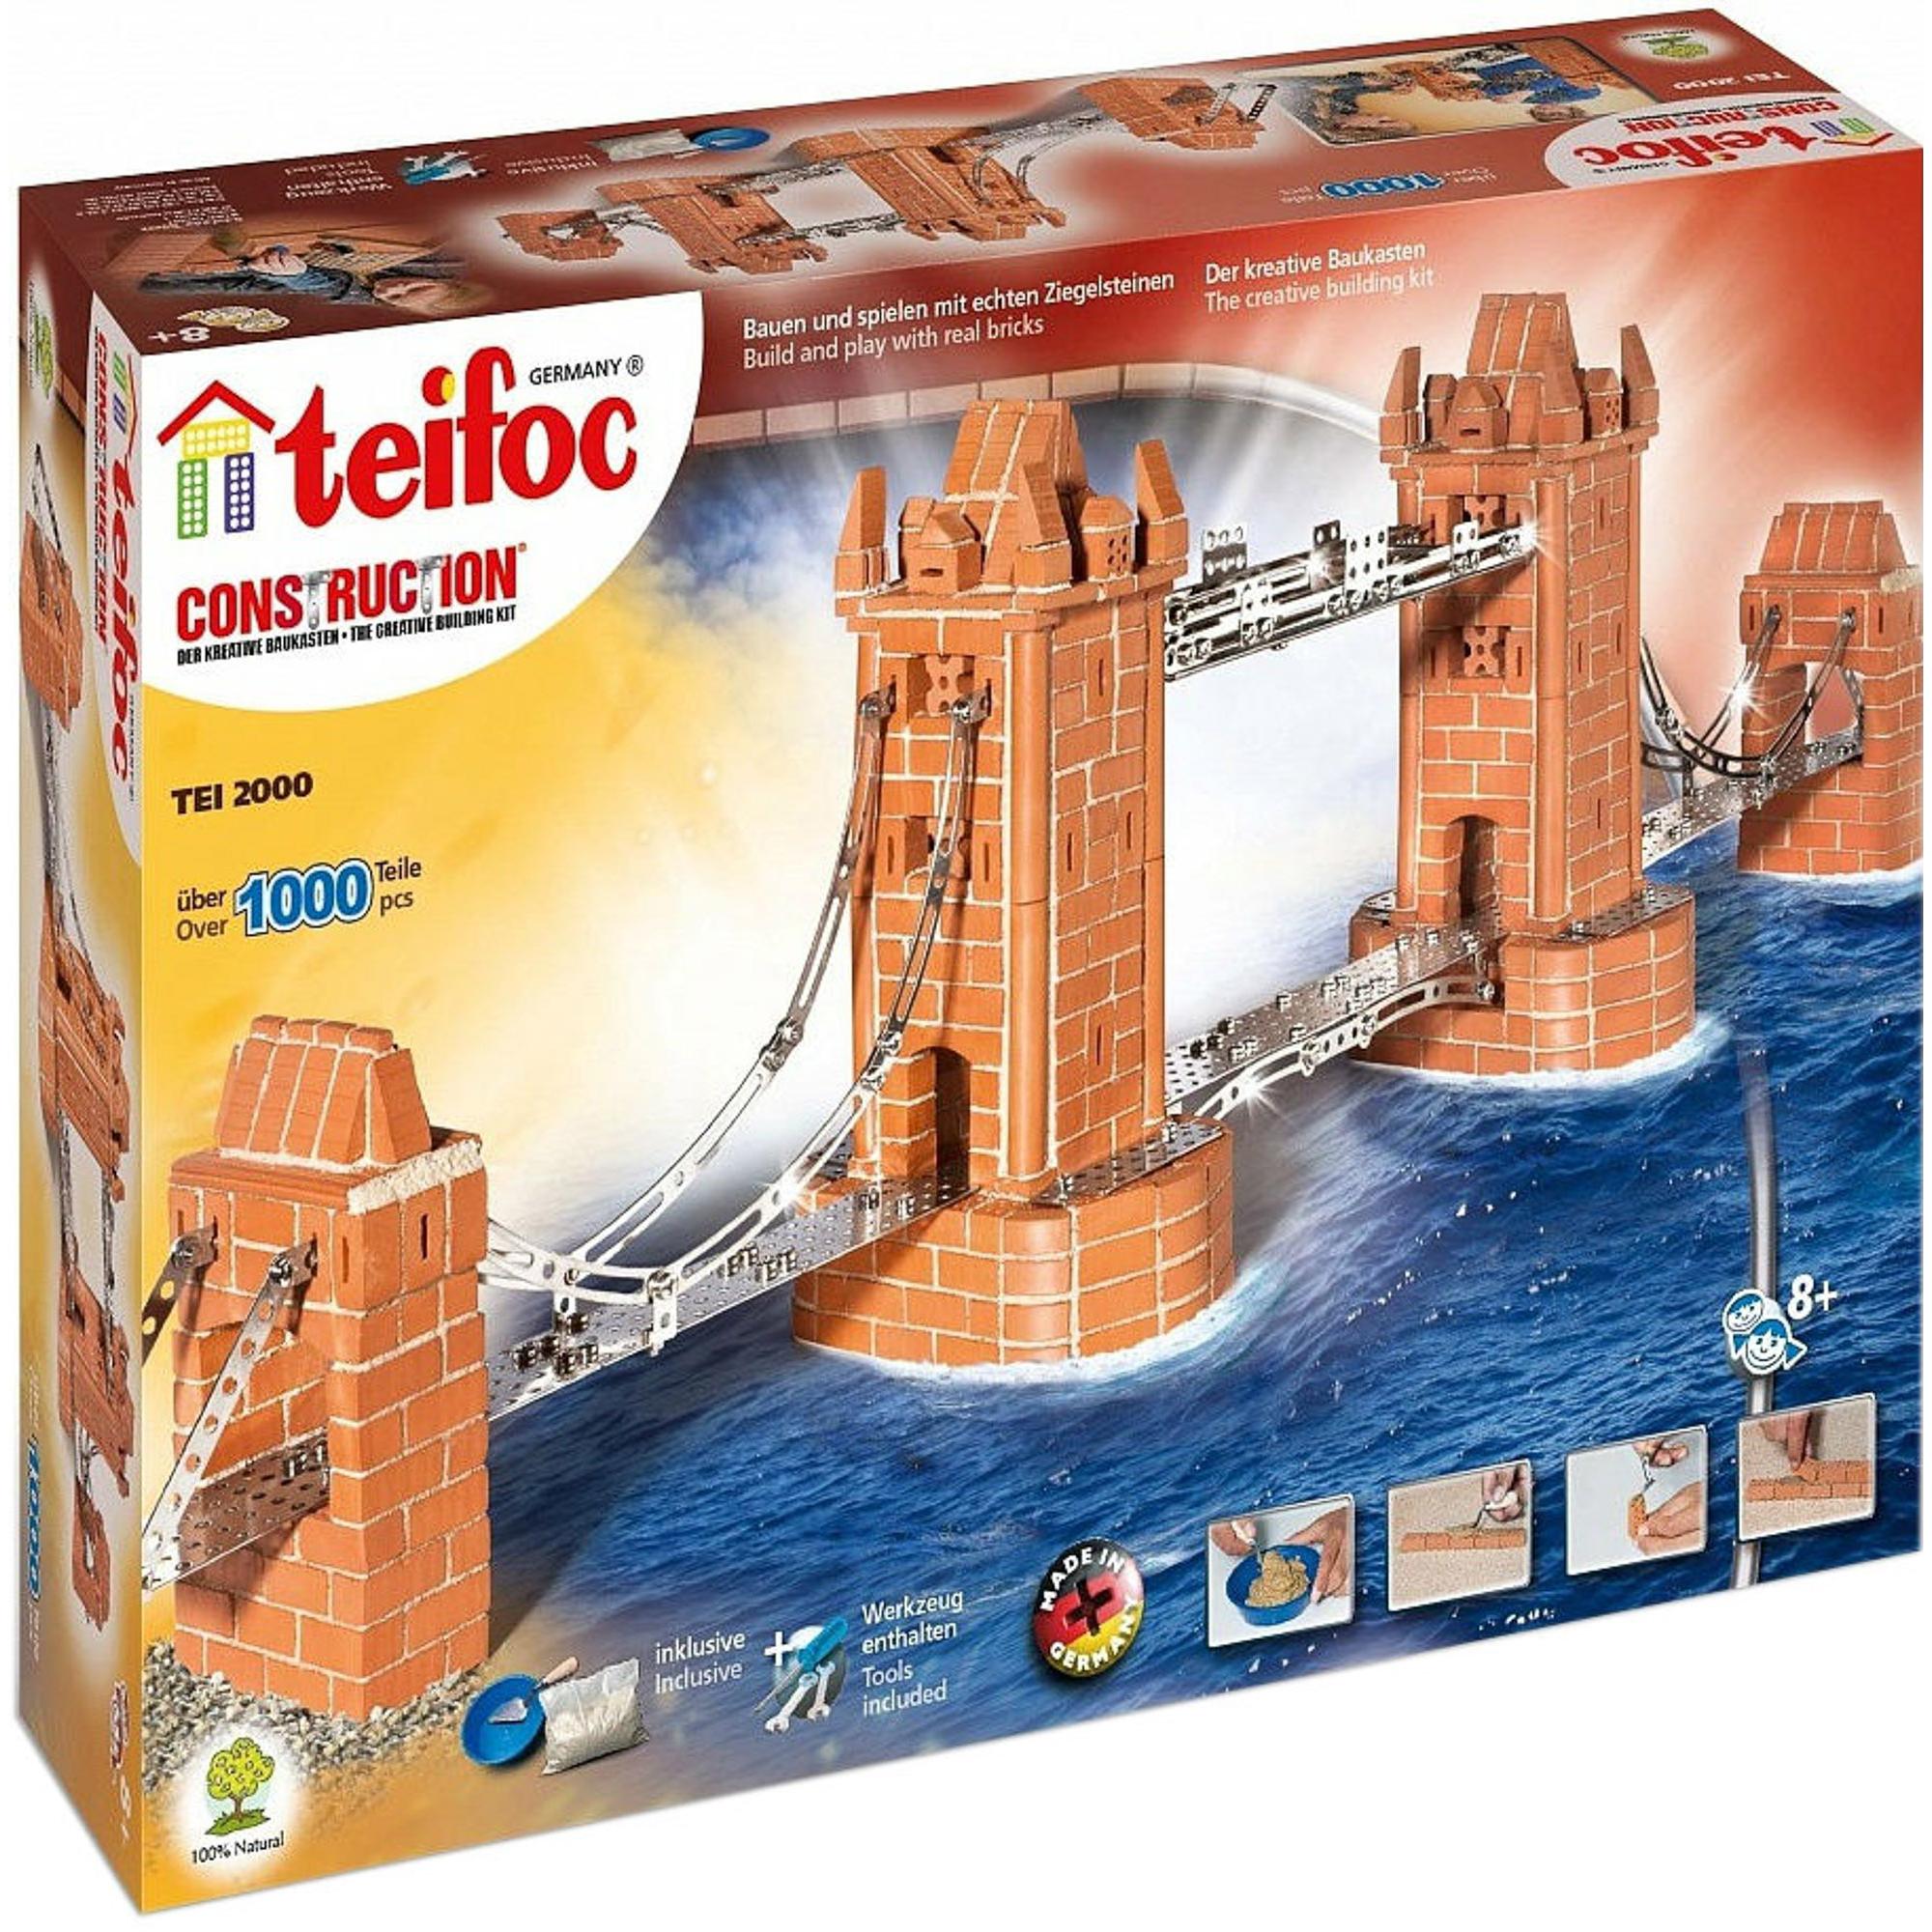 Фото - Игровой набор TEIFOC Башенный мост TEI 2000 сборные модели teifoc дополнительный набор кирпичи смесь мастерок 280 деталей